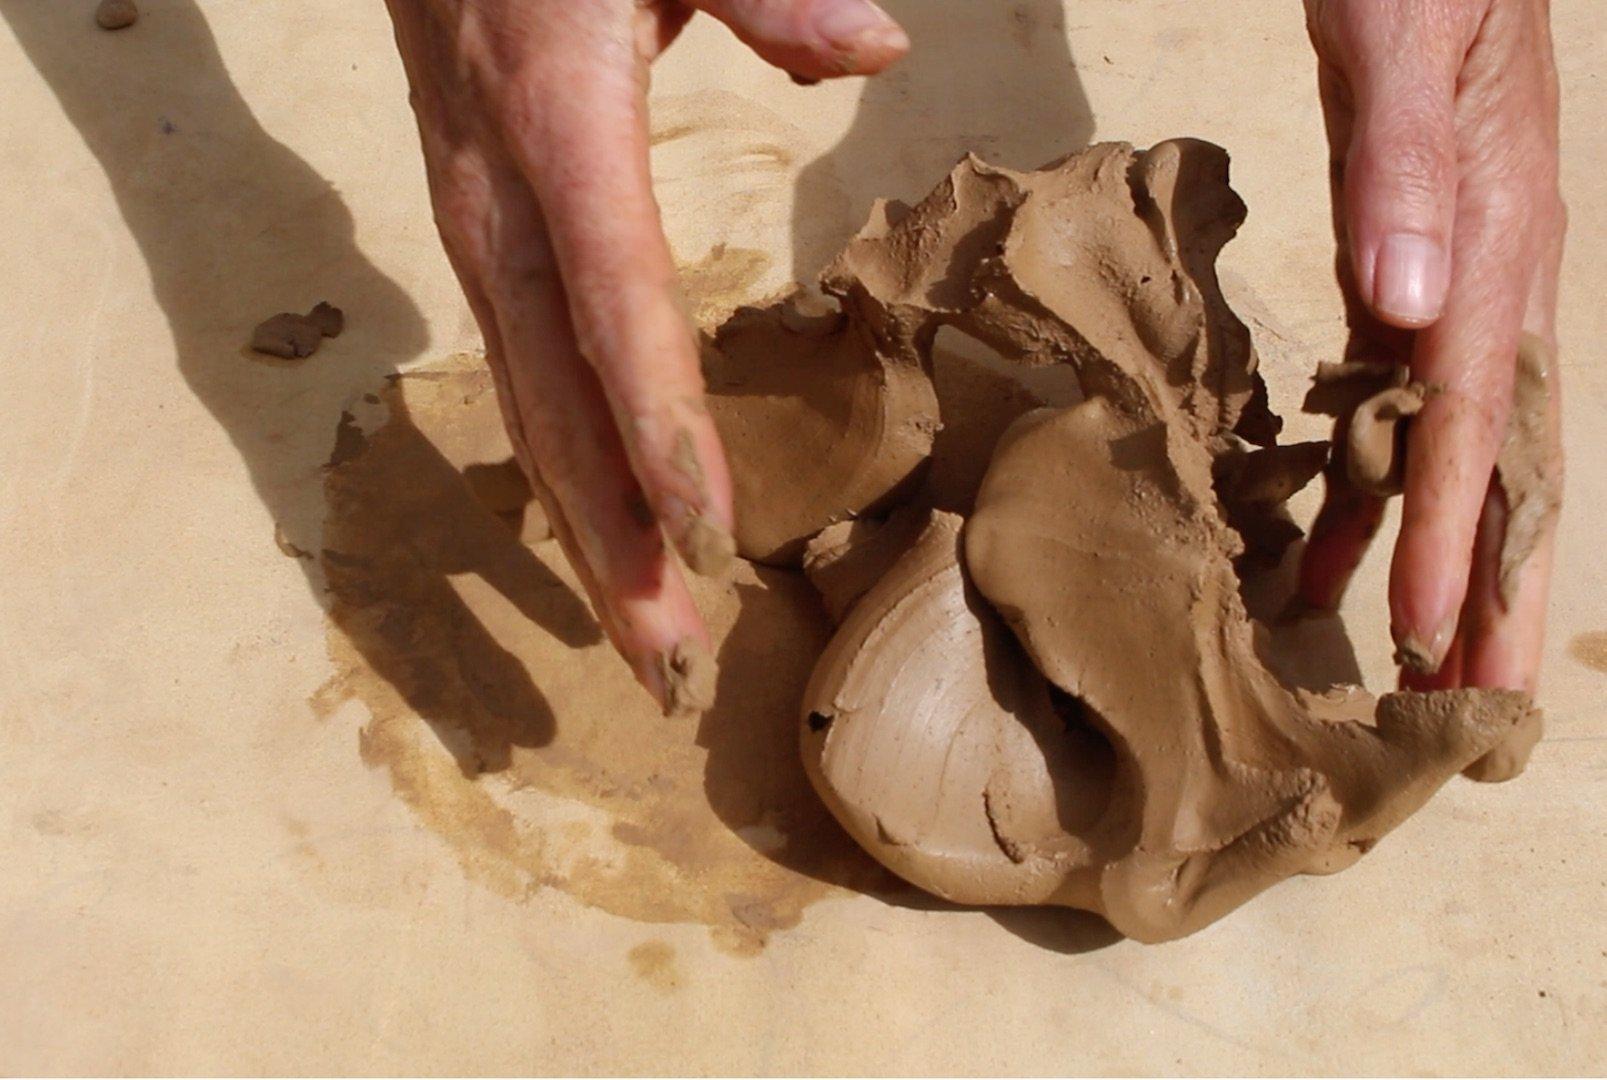 Sharon Haywood : Hand-making